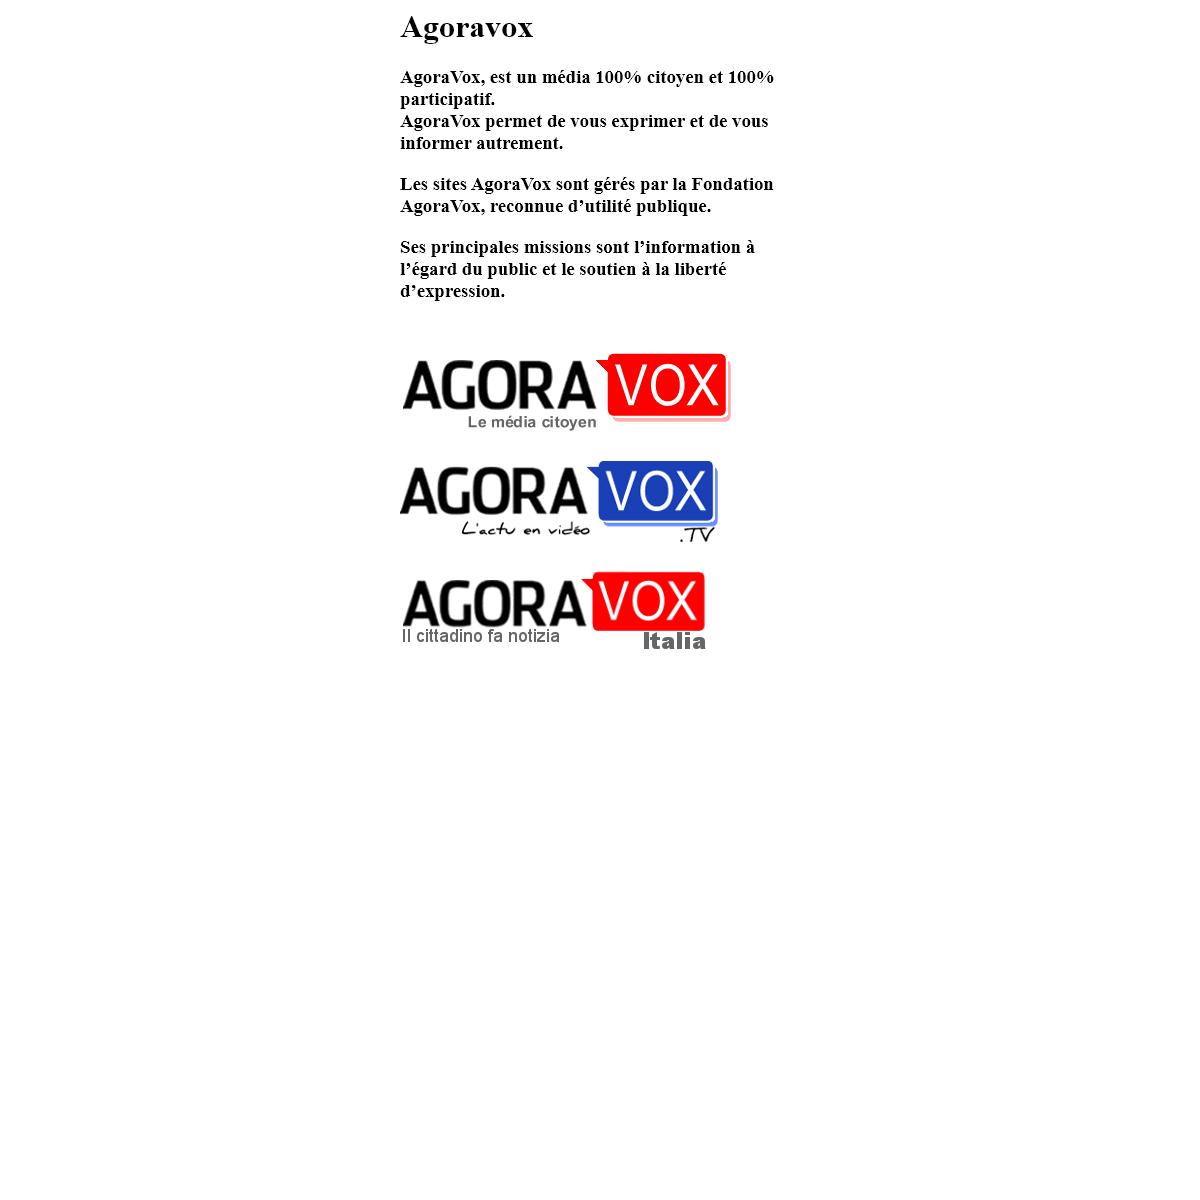 A complete backup of agoravox.com